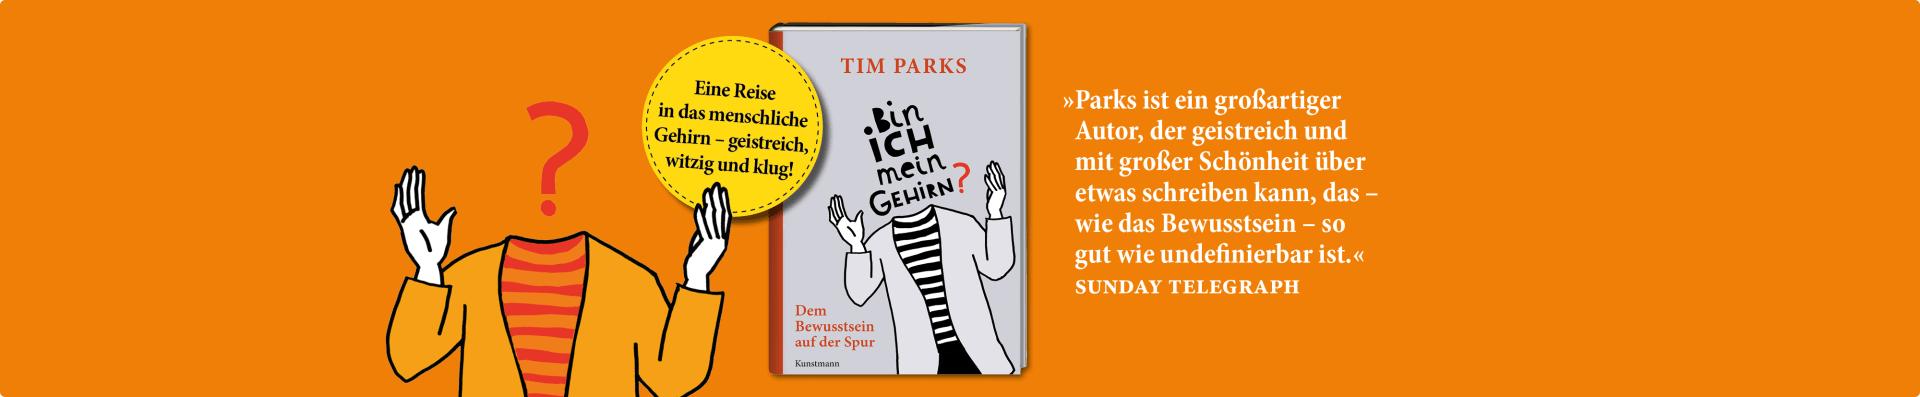 Tim Parks – Bin ich mein Gehirn?